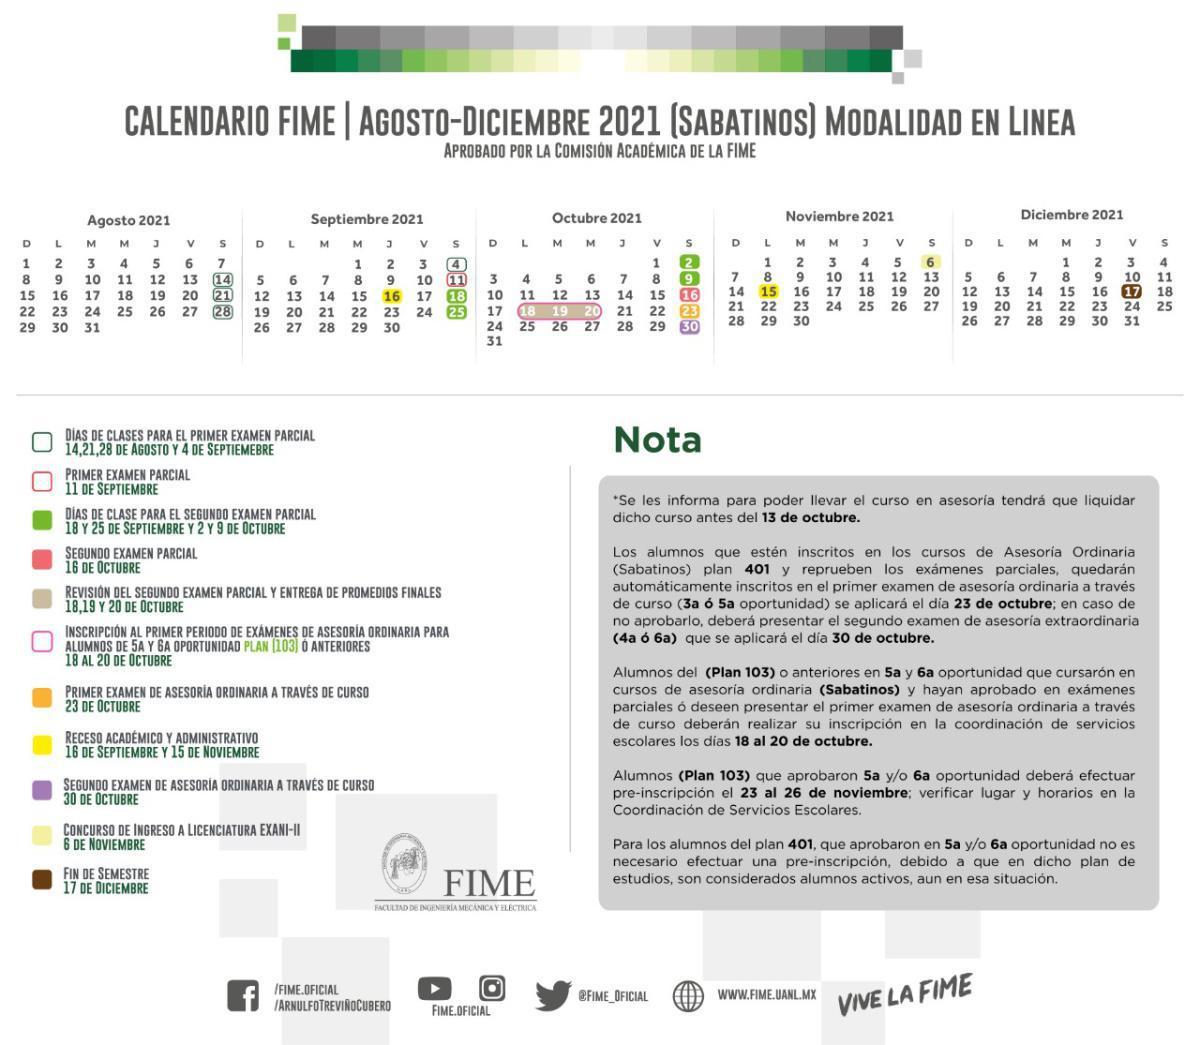 Calendario Agosto-Diciembre 2021